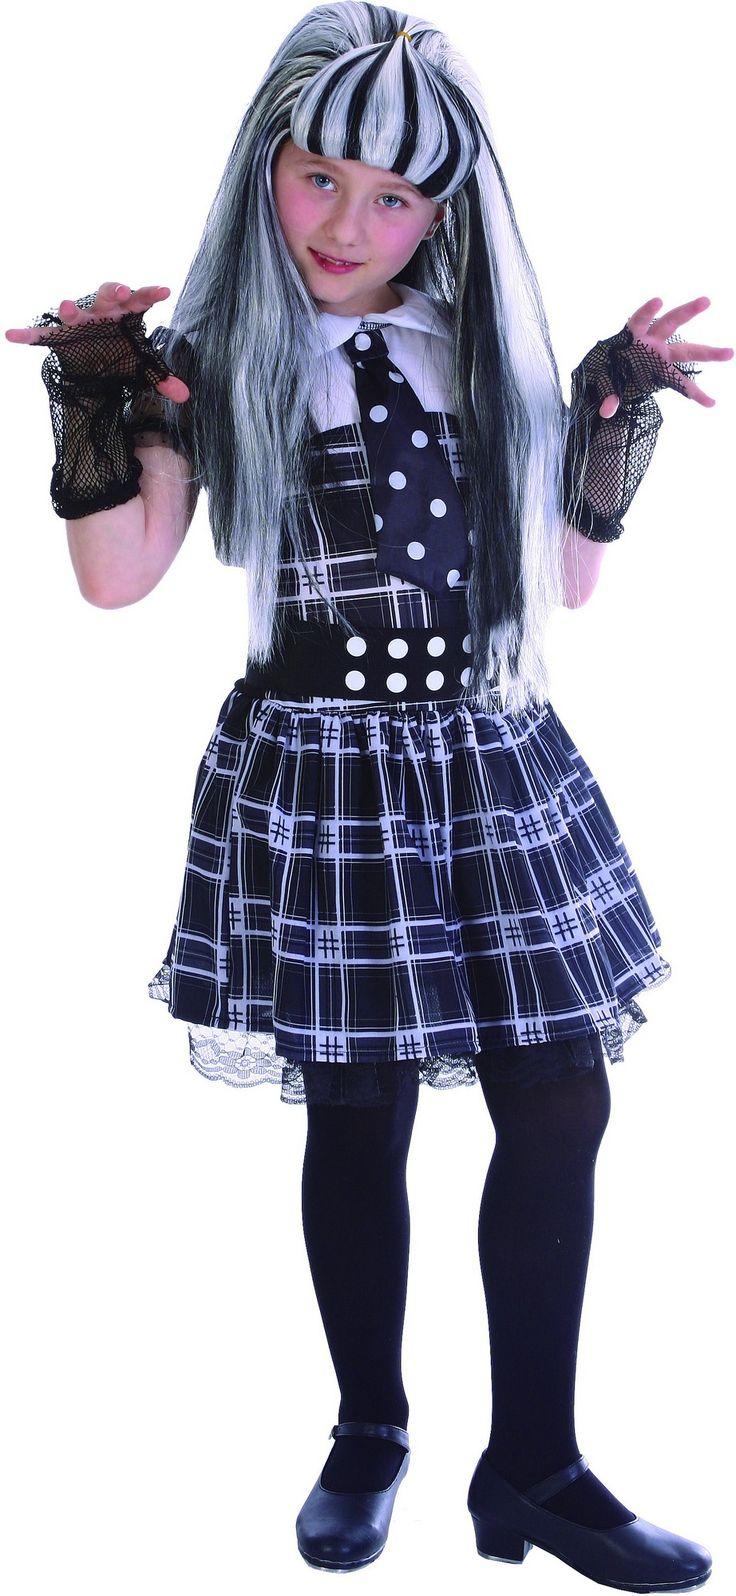 Disfraz monstruo niña: Este disfraz de monstruo para niña incluye vestido, cinturón y guantes (peluca, media y zapatos no incluidos). El vestido es a cuadros blancos y negros. Tiene un cuello pequeño...